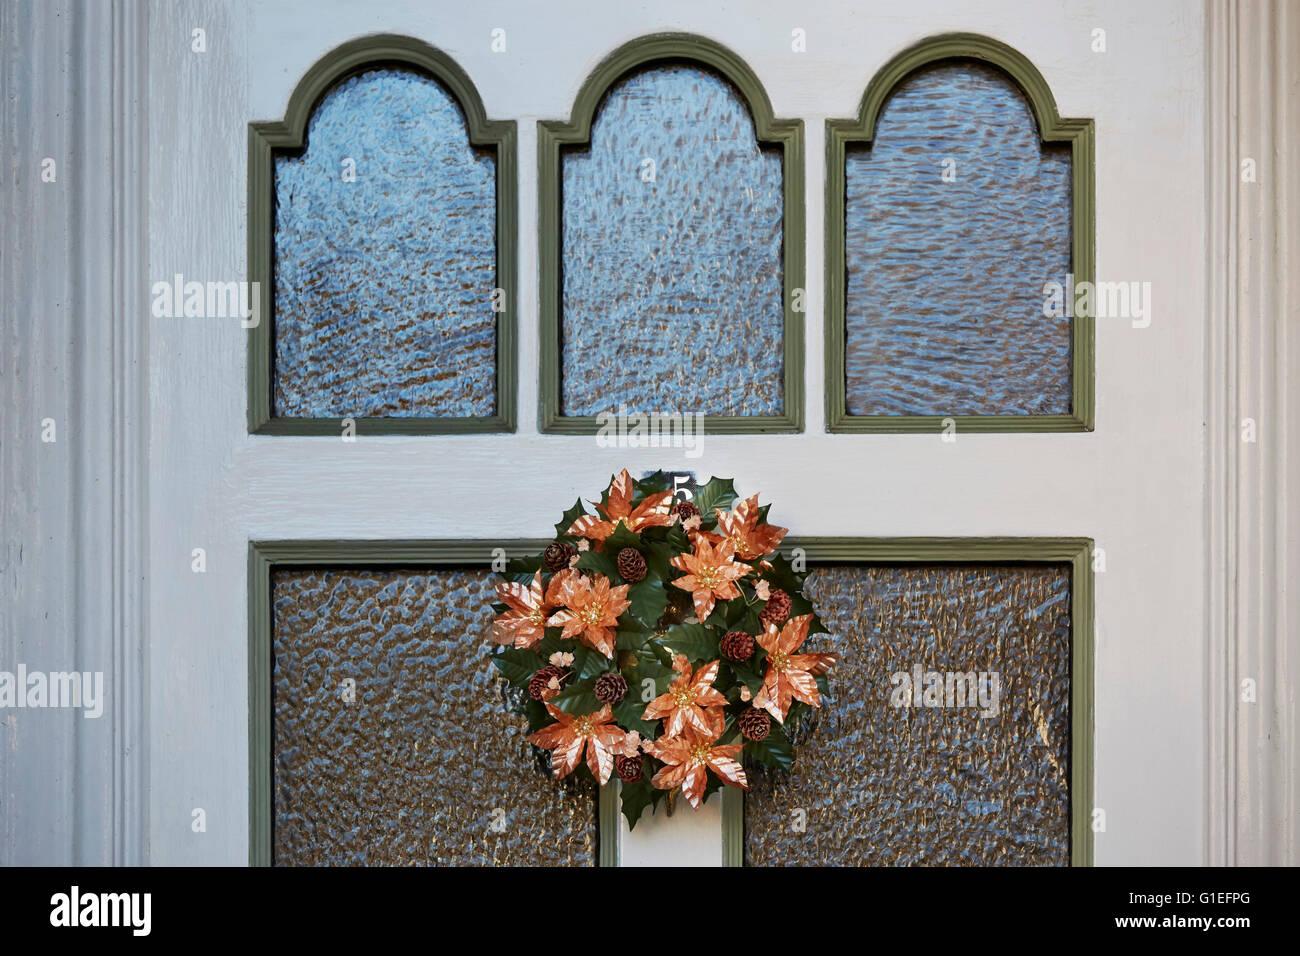 Guirnalda de navidad en la puerta. Imagen De Stock